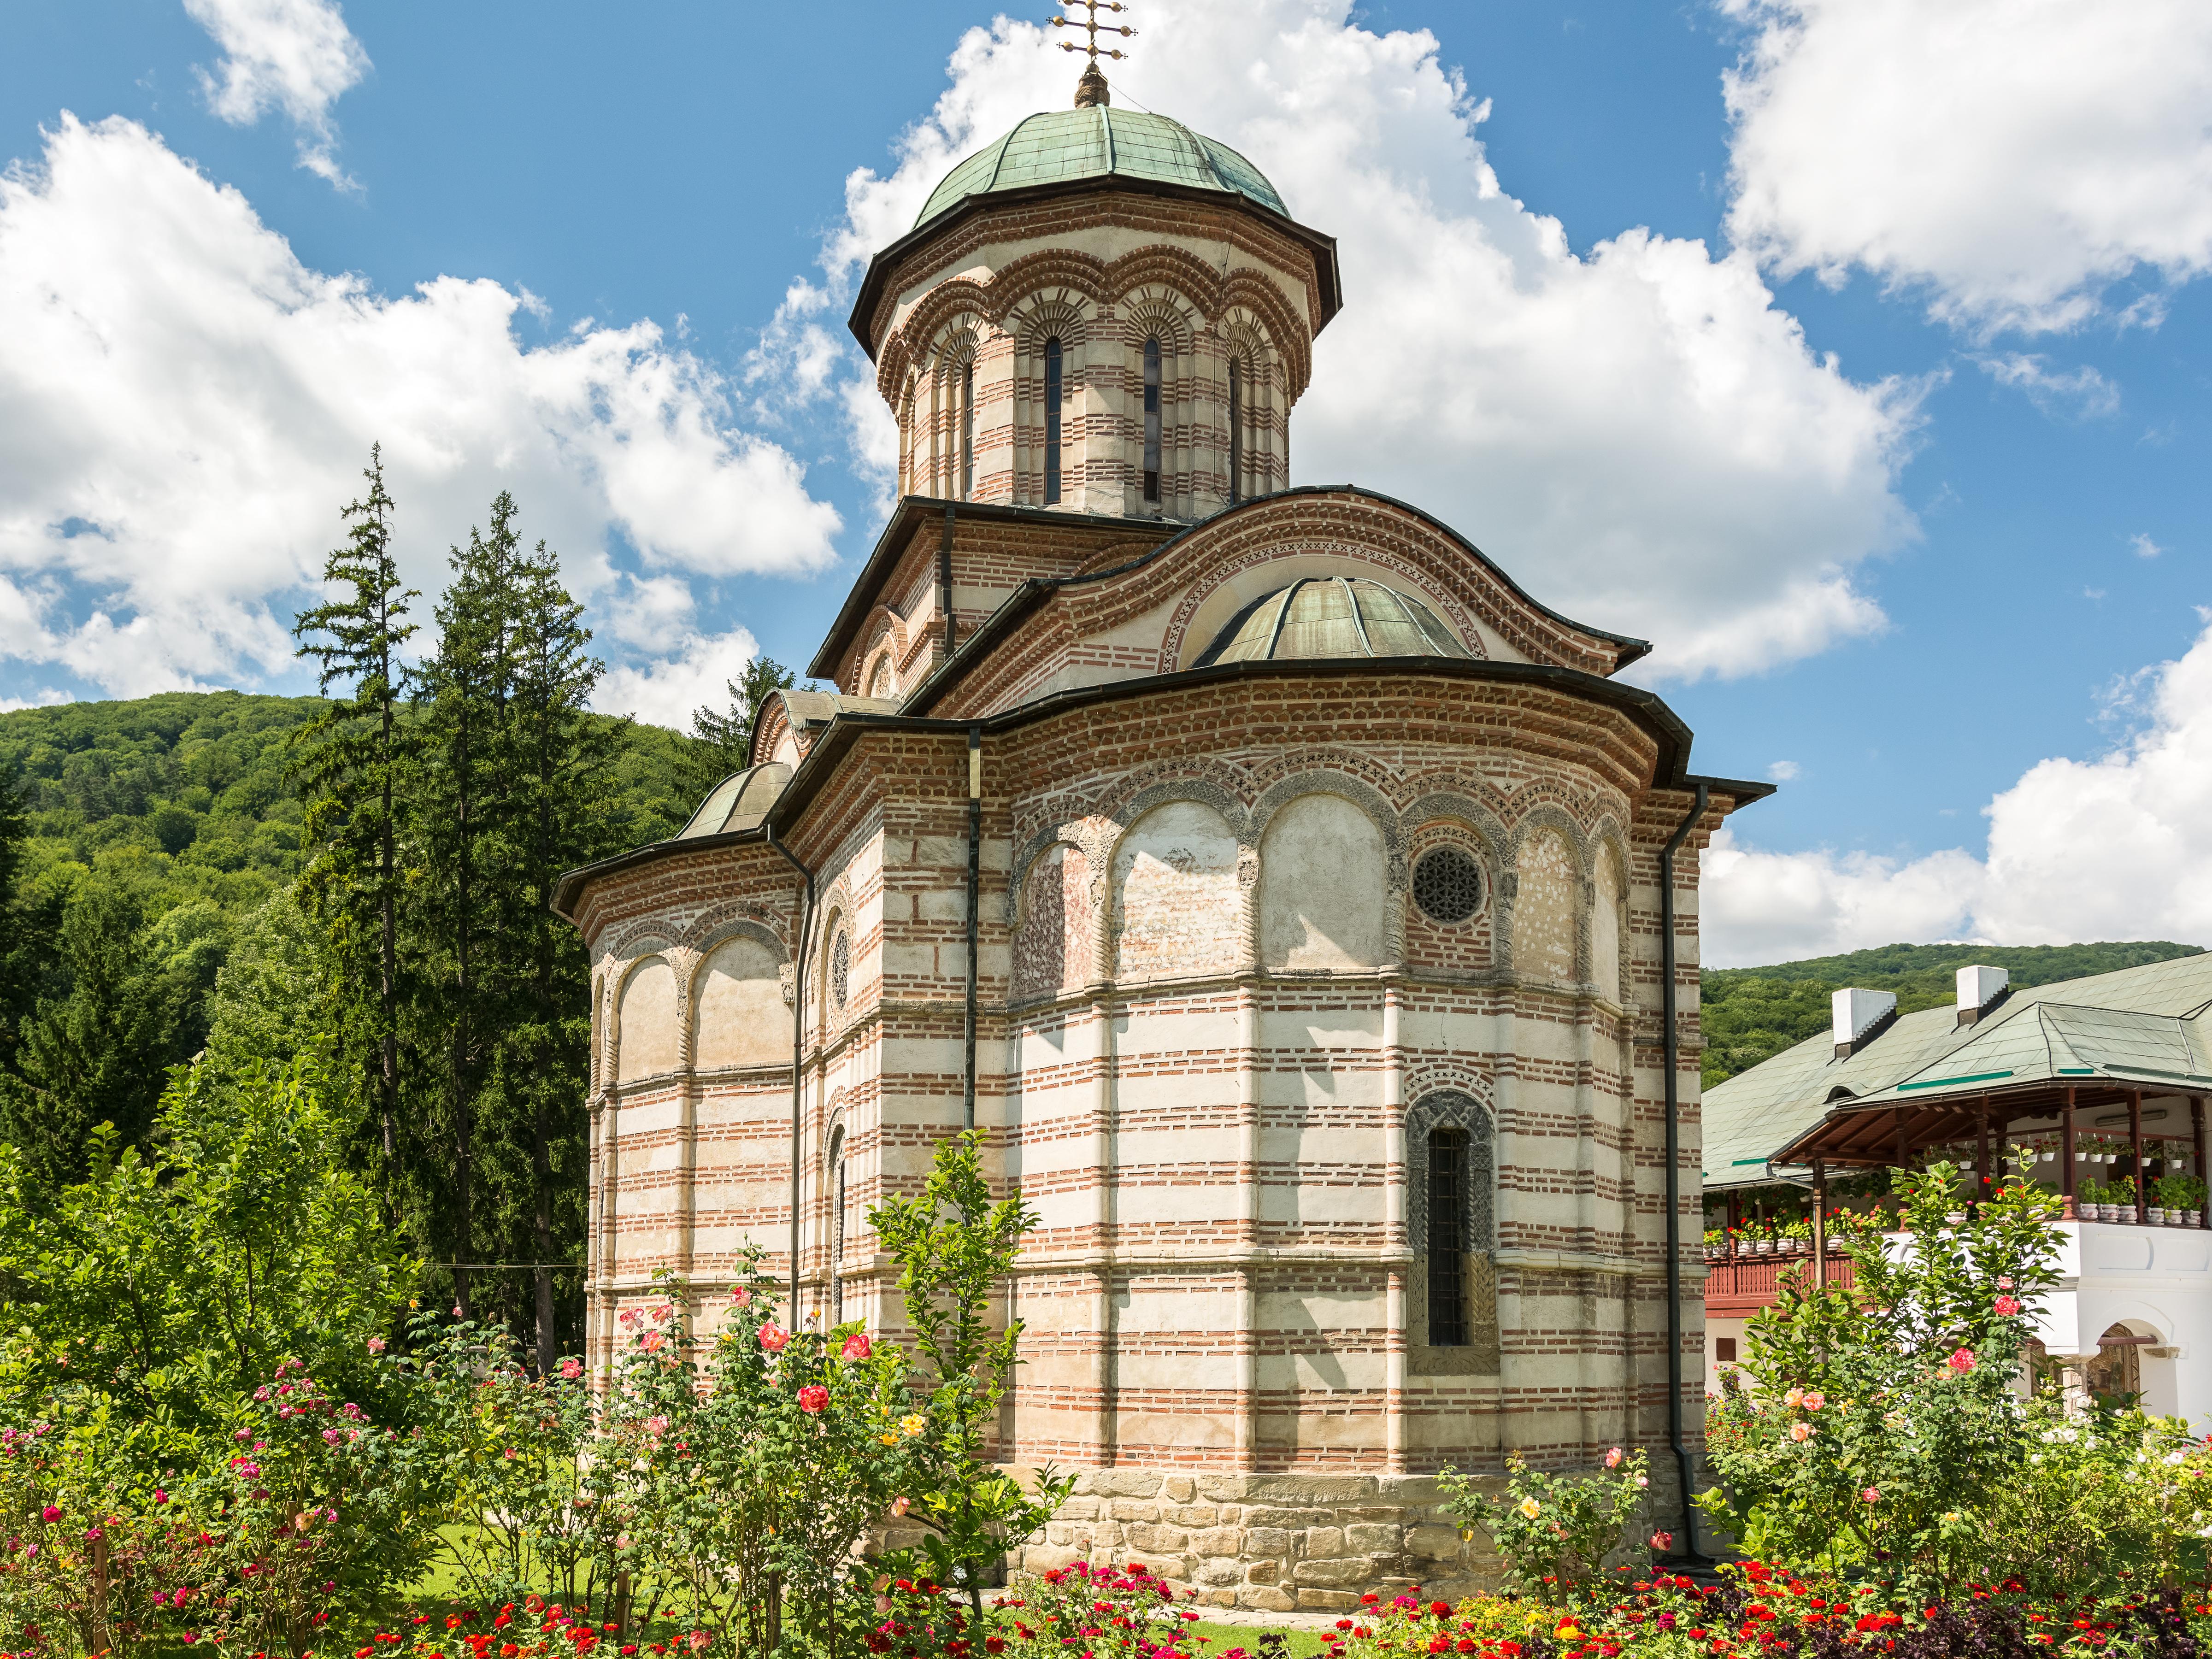 La ruta de los impresionantes monasterios bizantinos - Rumanía Circuito Lo mejor de Rumanía y Bulgaria